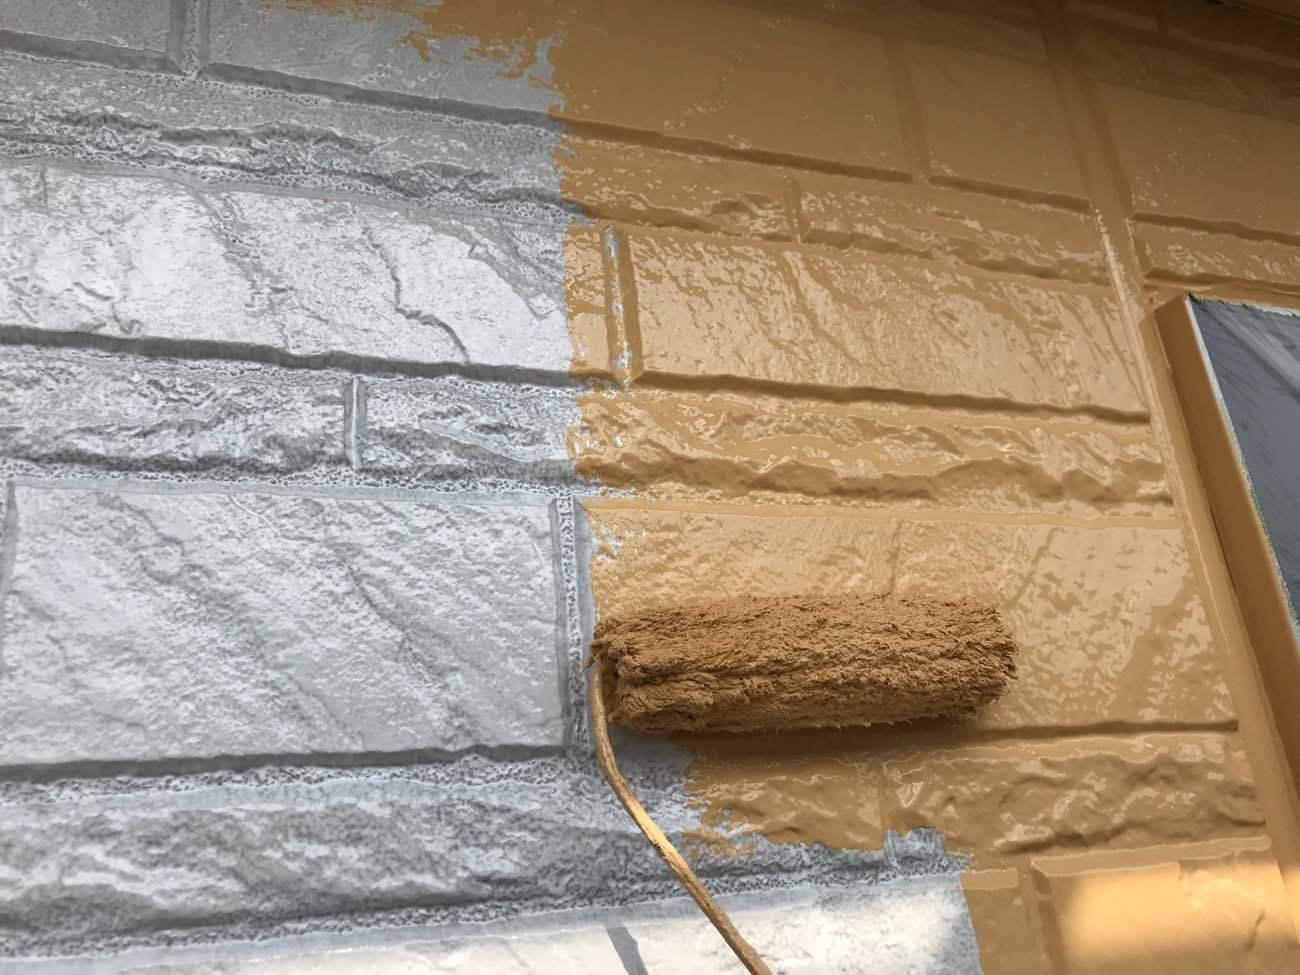 初めての方も安心!外壁塗装の種類の完全ガイド【写真と一覧表付】